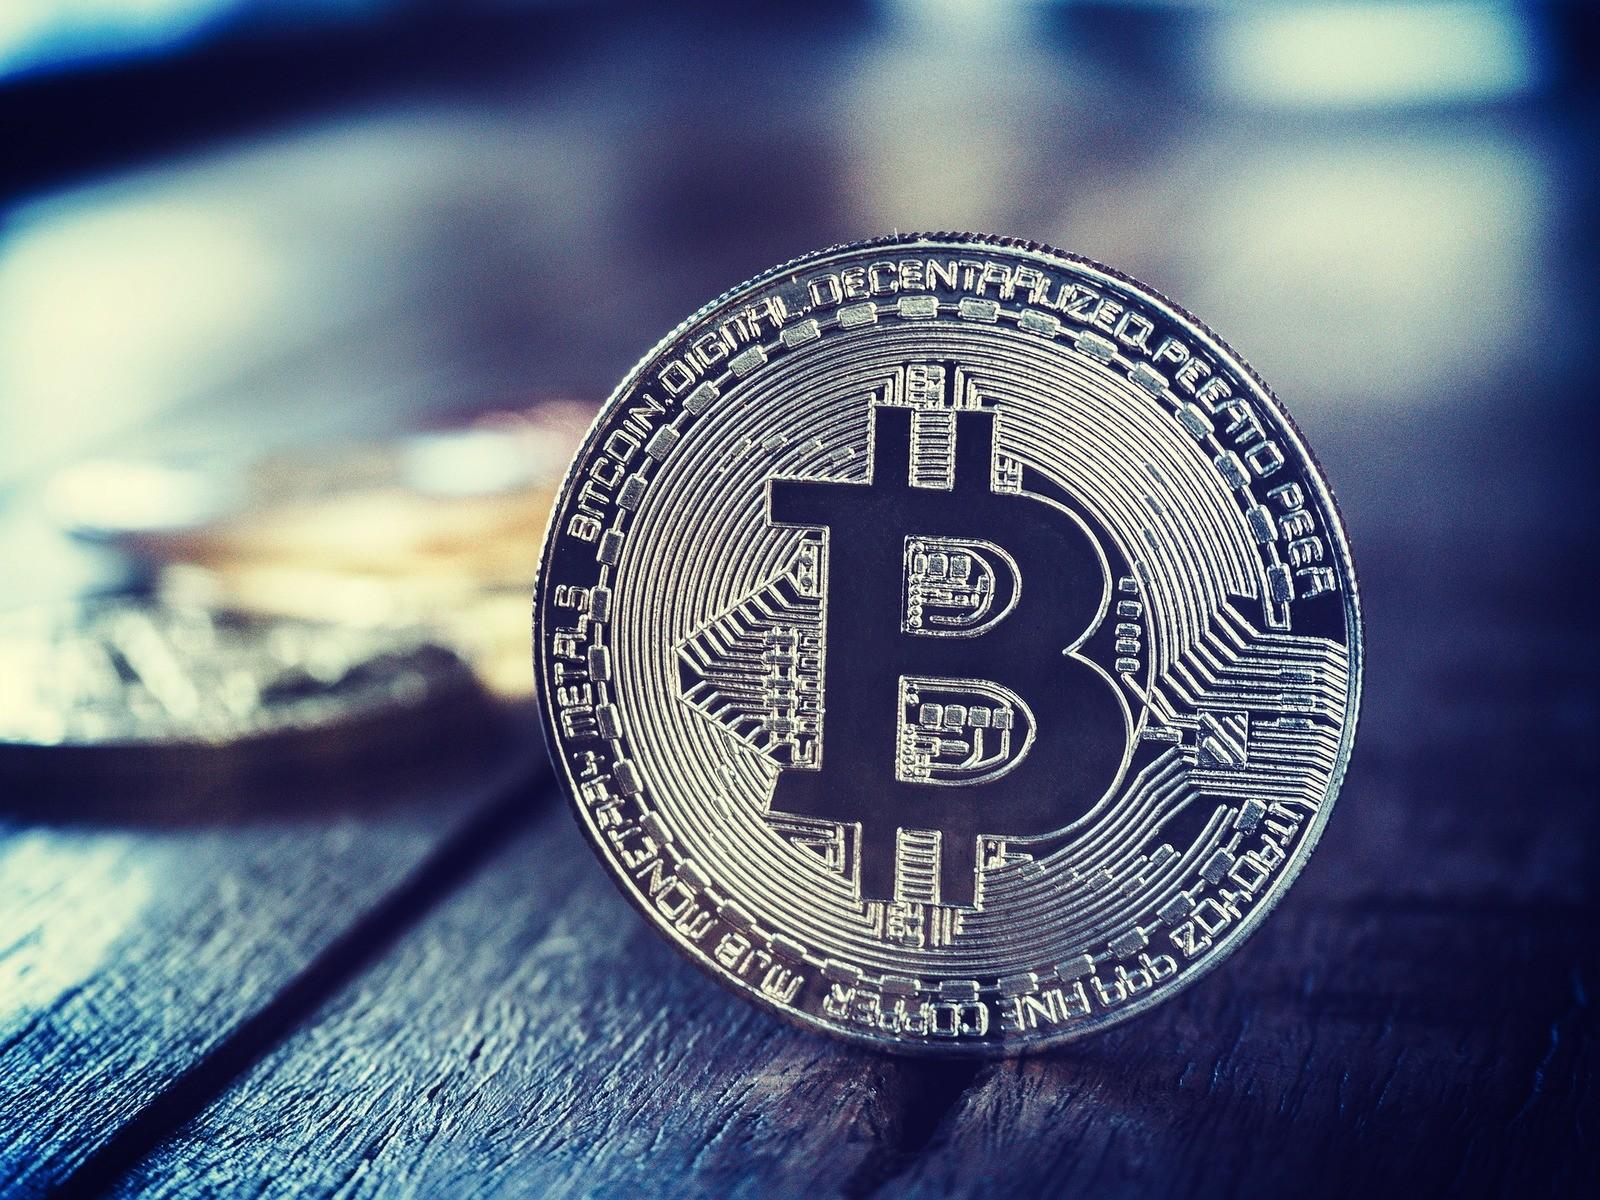 sollte ich in bitcoin investieren? risiko bei binären optionen absichern möglich für forex broker? möglichkeiten sehr schnell reich zu werden